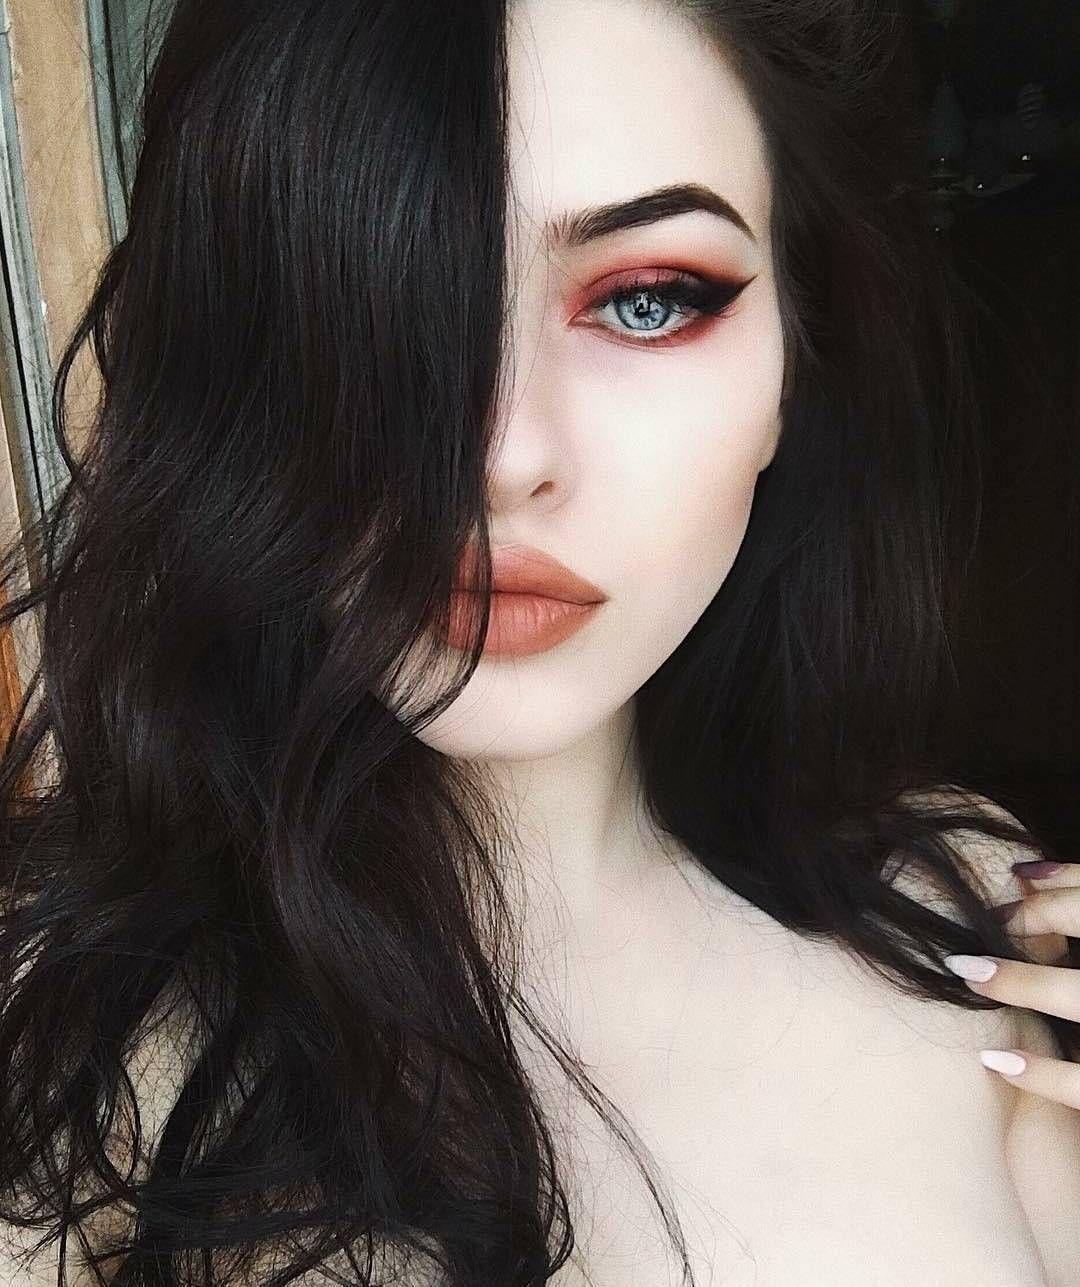 Hair brunette pale skin dark for 2019 | Pale skin hair